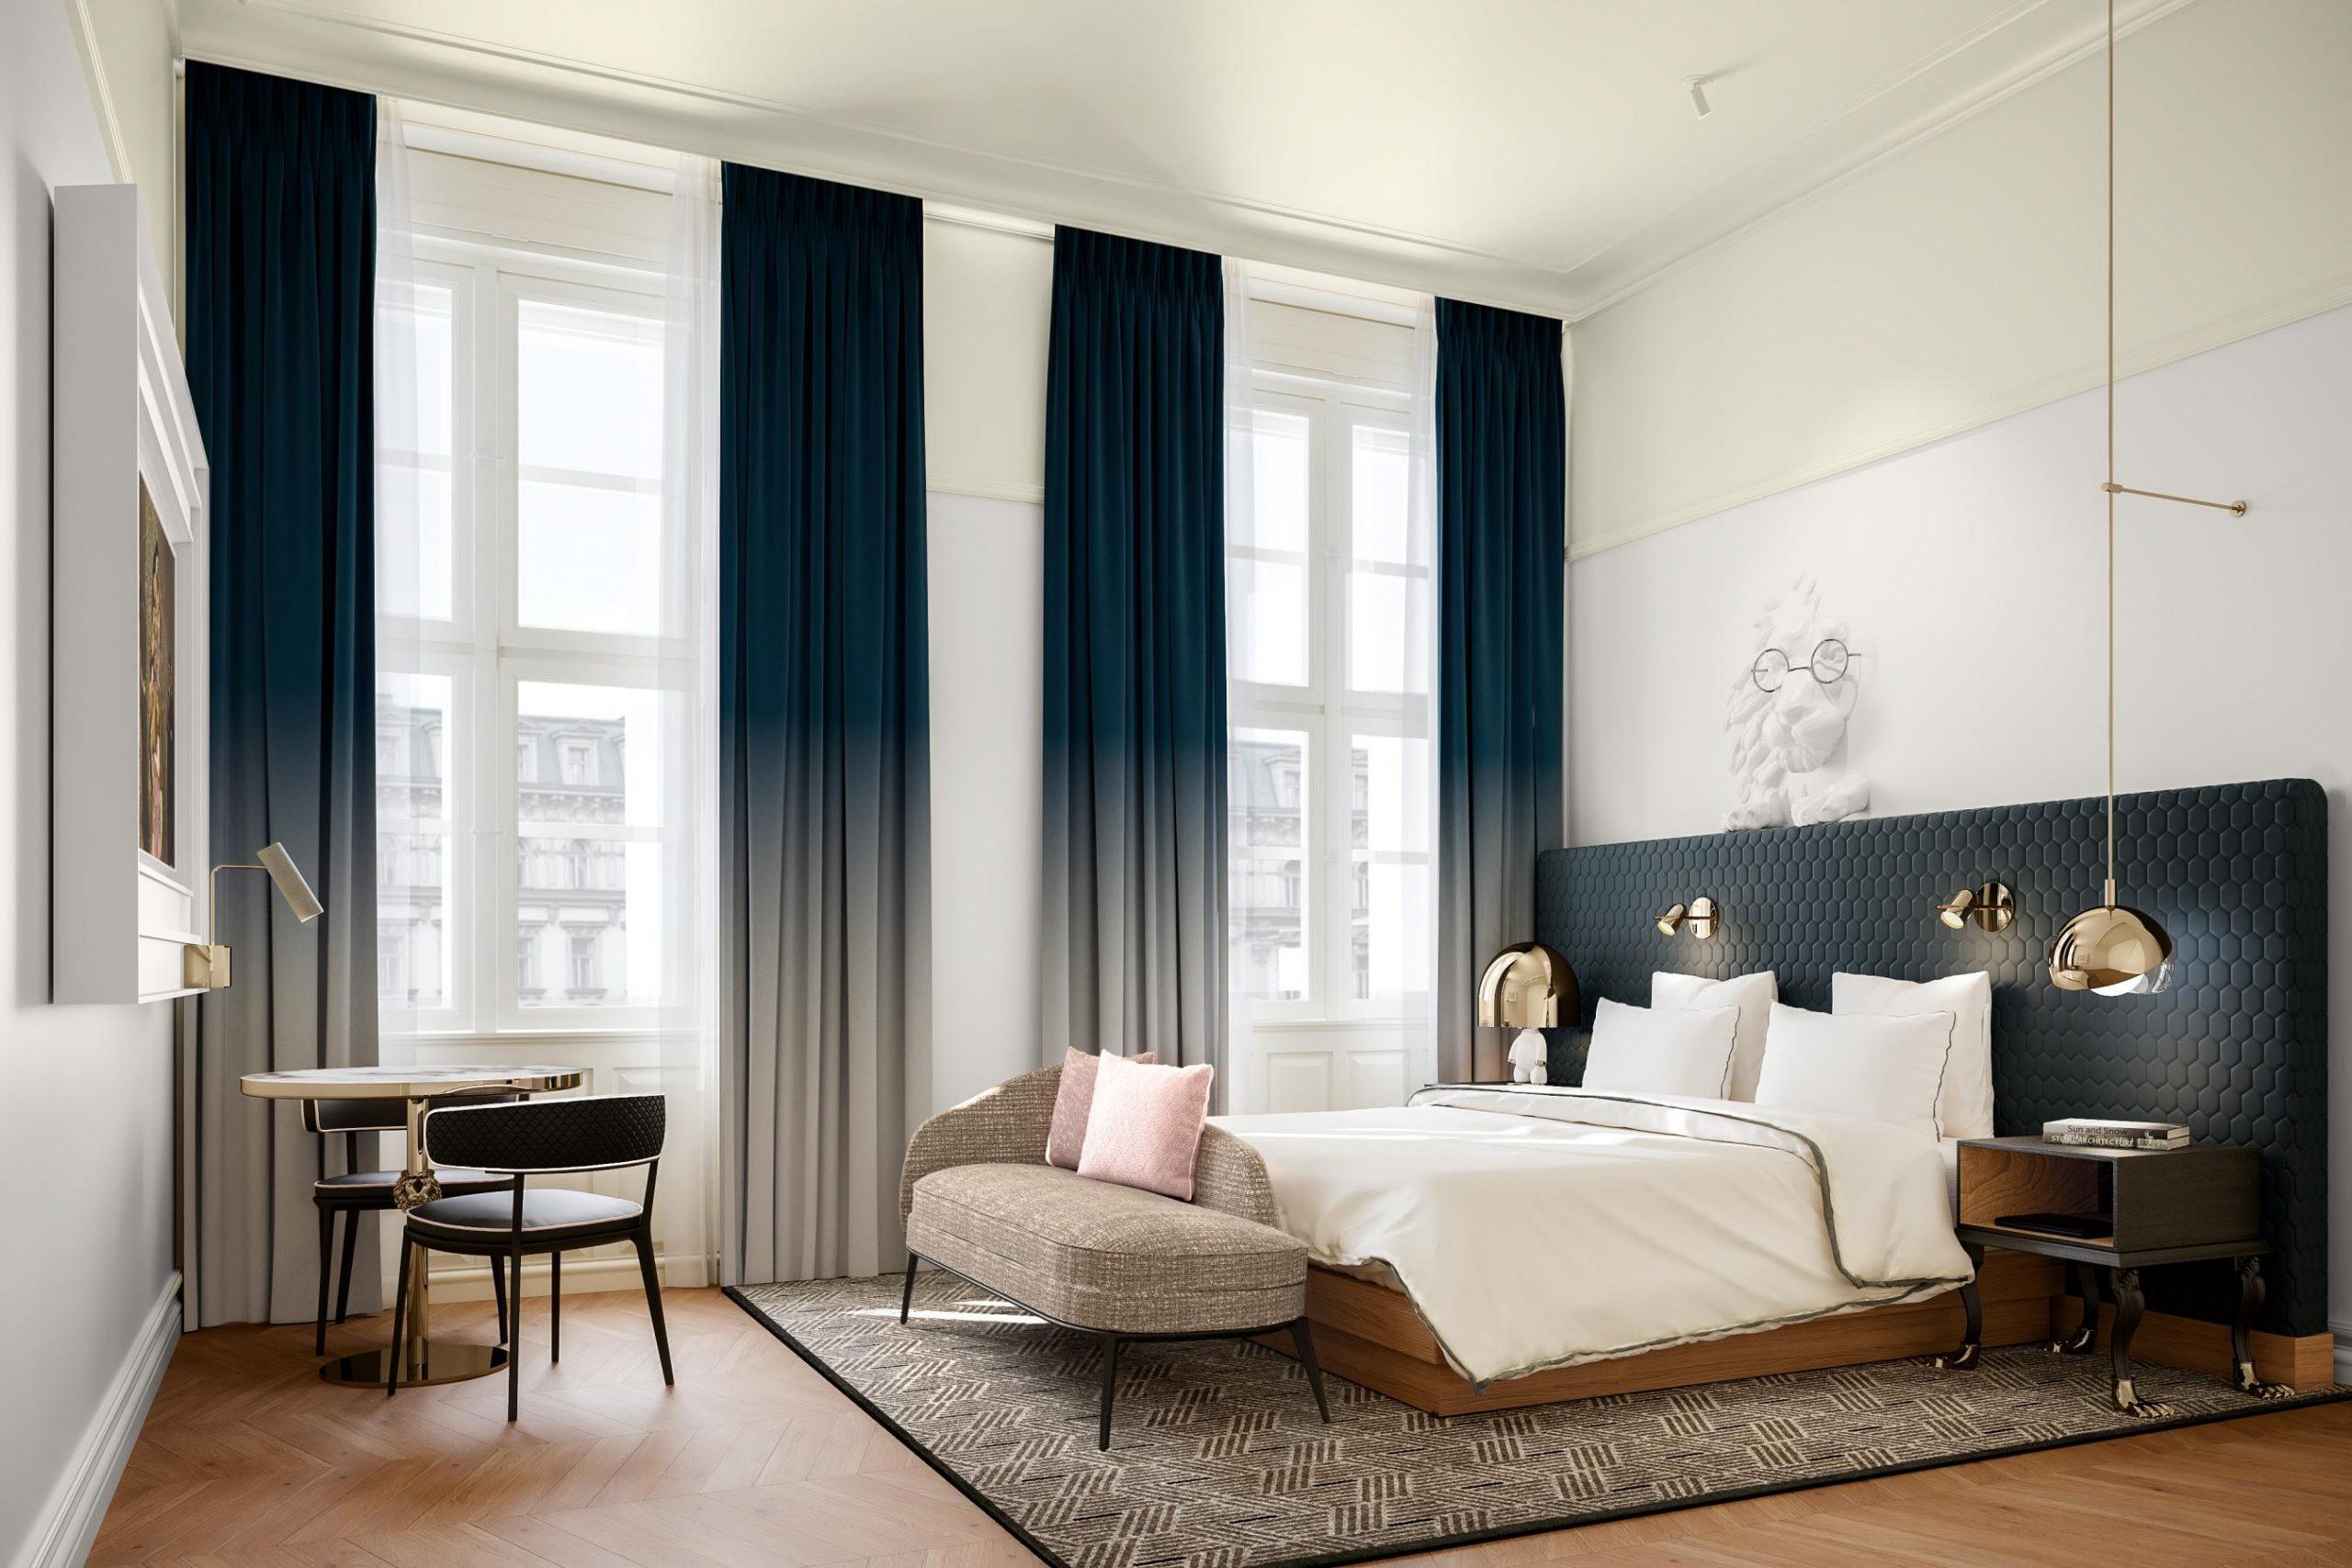 Et af de mange kommende Hyatt-hoteller i Europa bliver fra varemærket Andaz og skal blandt andet være i Prag, hvor hotellet får 176 værelser. Pressefoto: Hyatt Hotels Corporation.